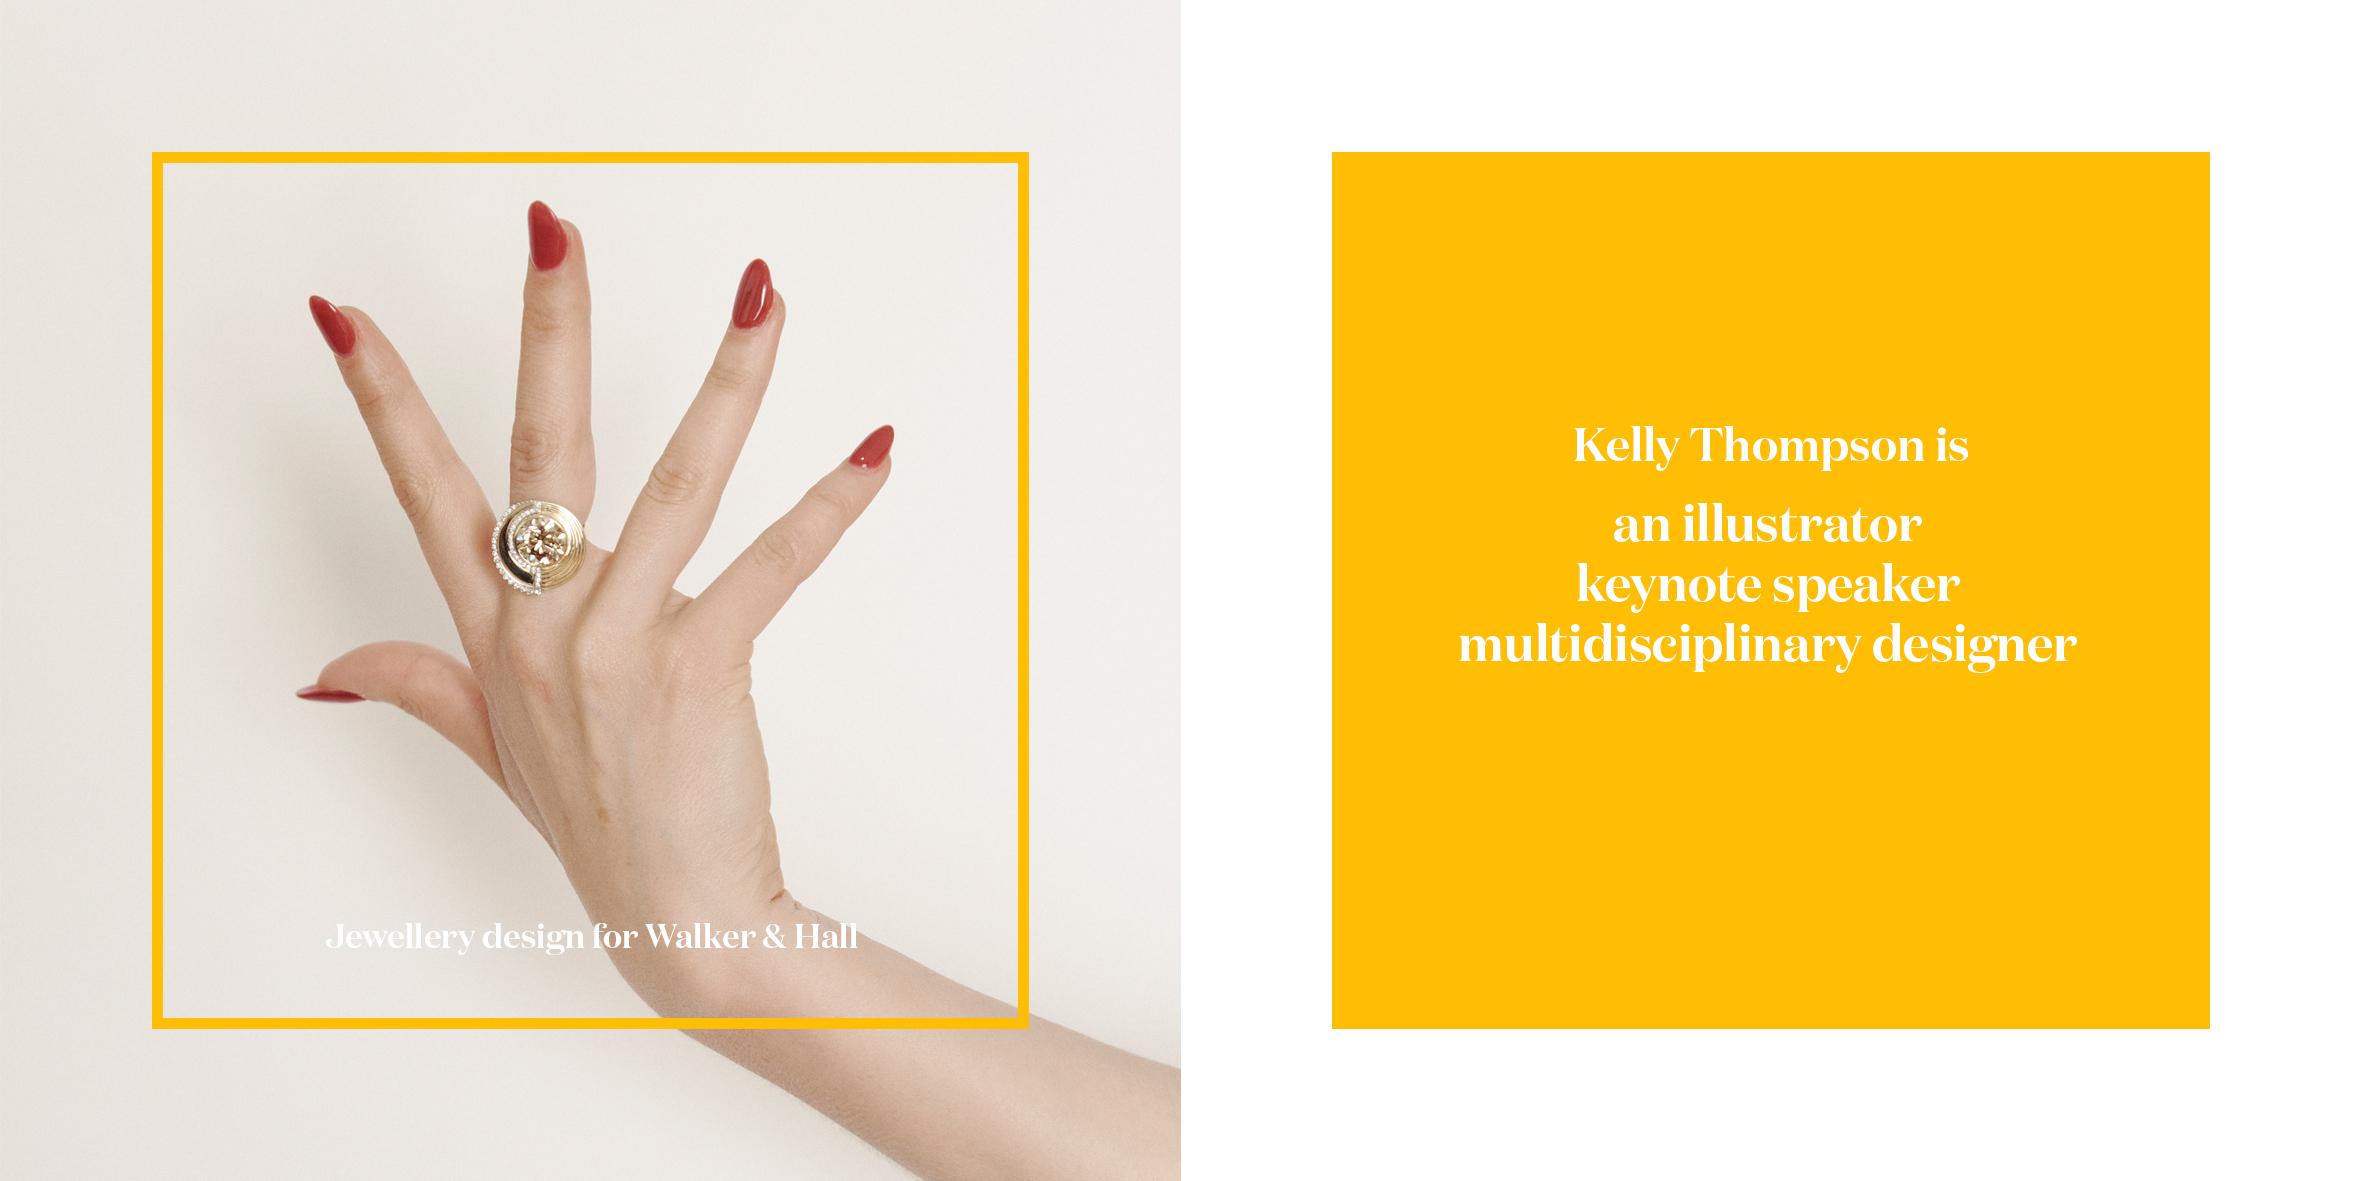 Kelly+Thompson+illustrator Walker+&+Hall.jpg